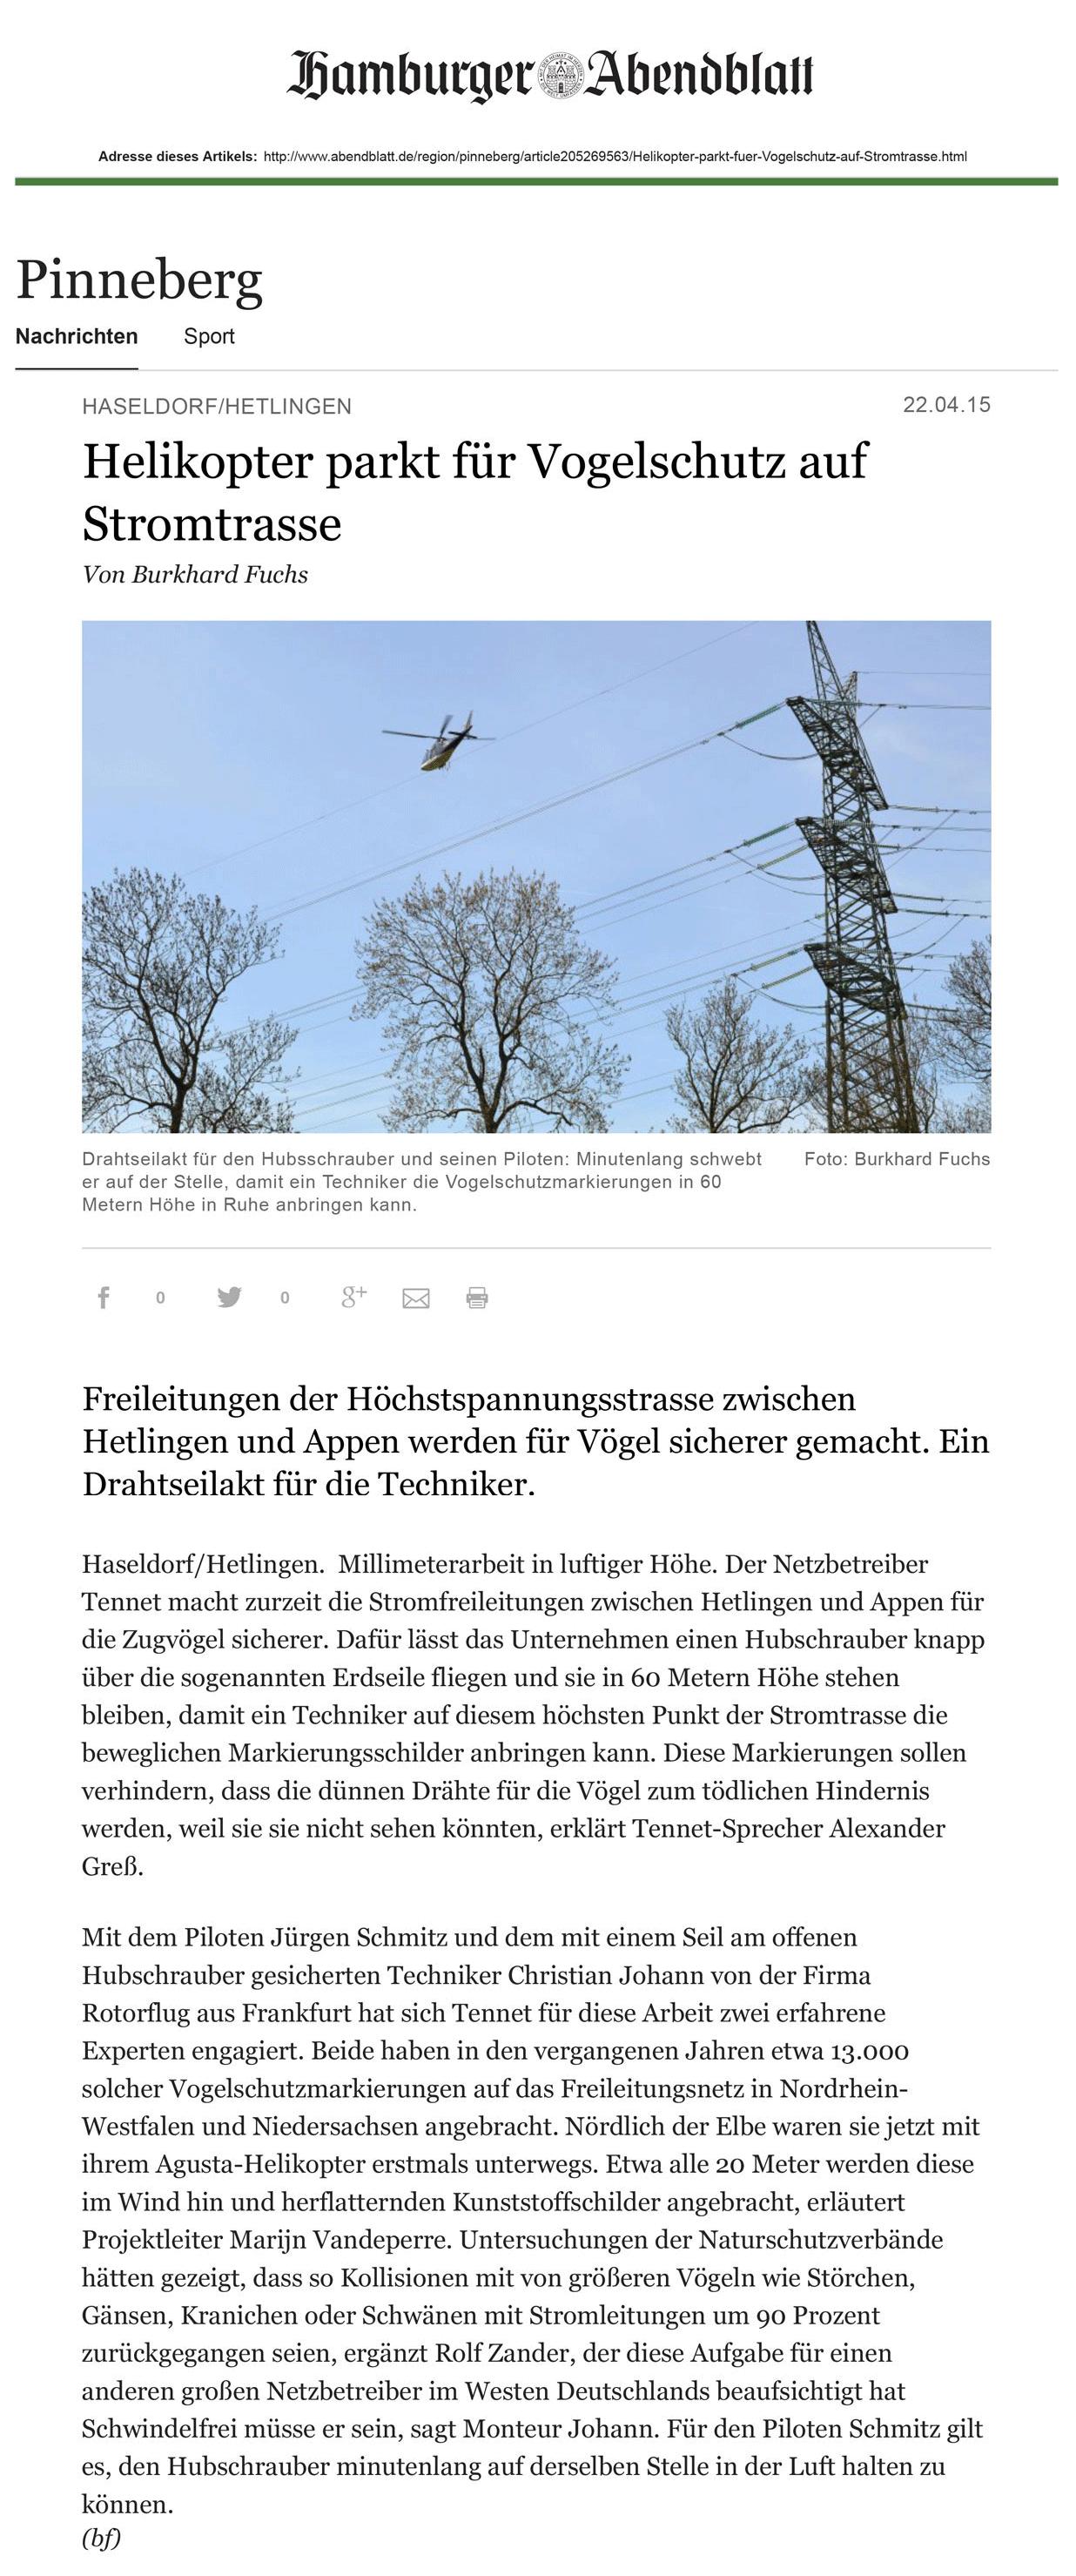 Helikopter parkt für Vogelschutz auf Stromtrasse – Online-Artikel auf www.abendblatt.de